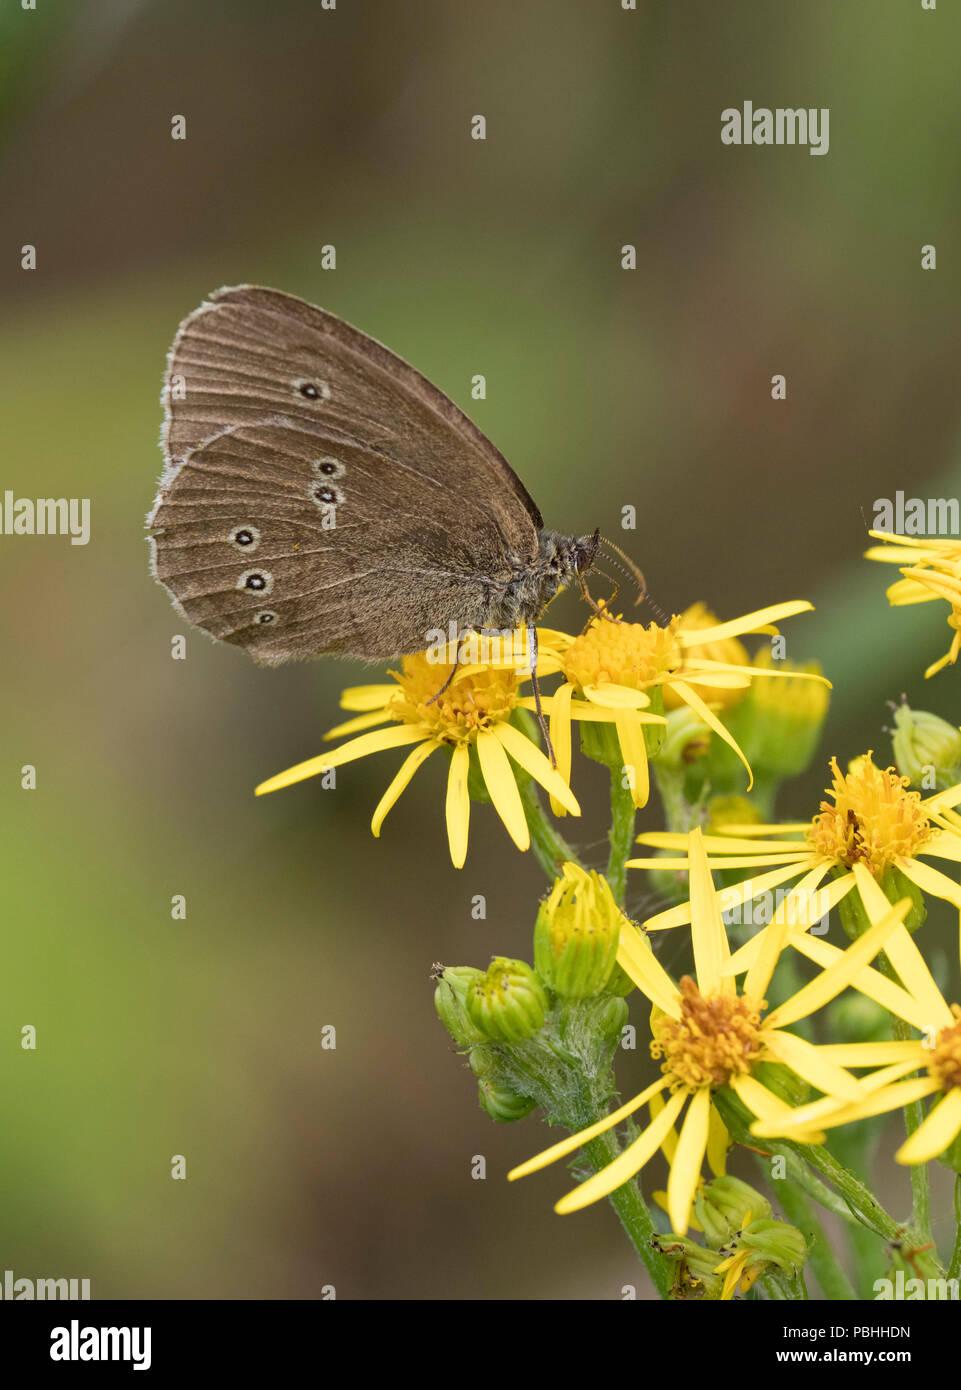 Ringlet Butterfly, Aphantopus hyperantus, singolo adulto alimentazione su fiori gialli di erba tossica, Senecio jacobaea, Worcestershire, Regno Unito. Immagini Stock